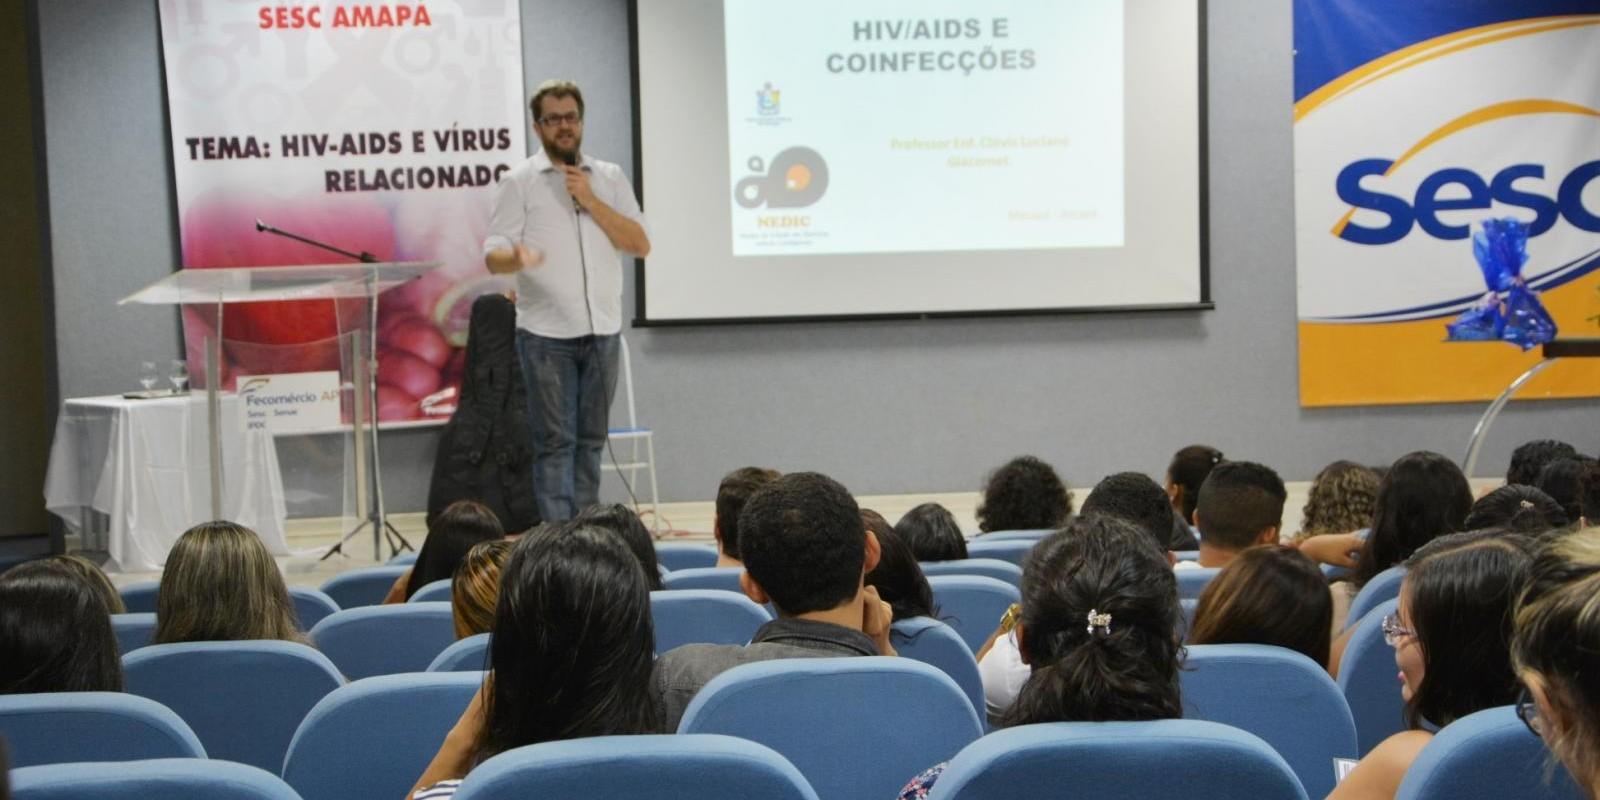 XI Jornada da Saúde Sesc Amapá